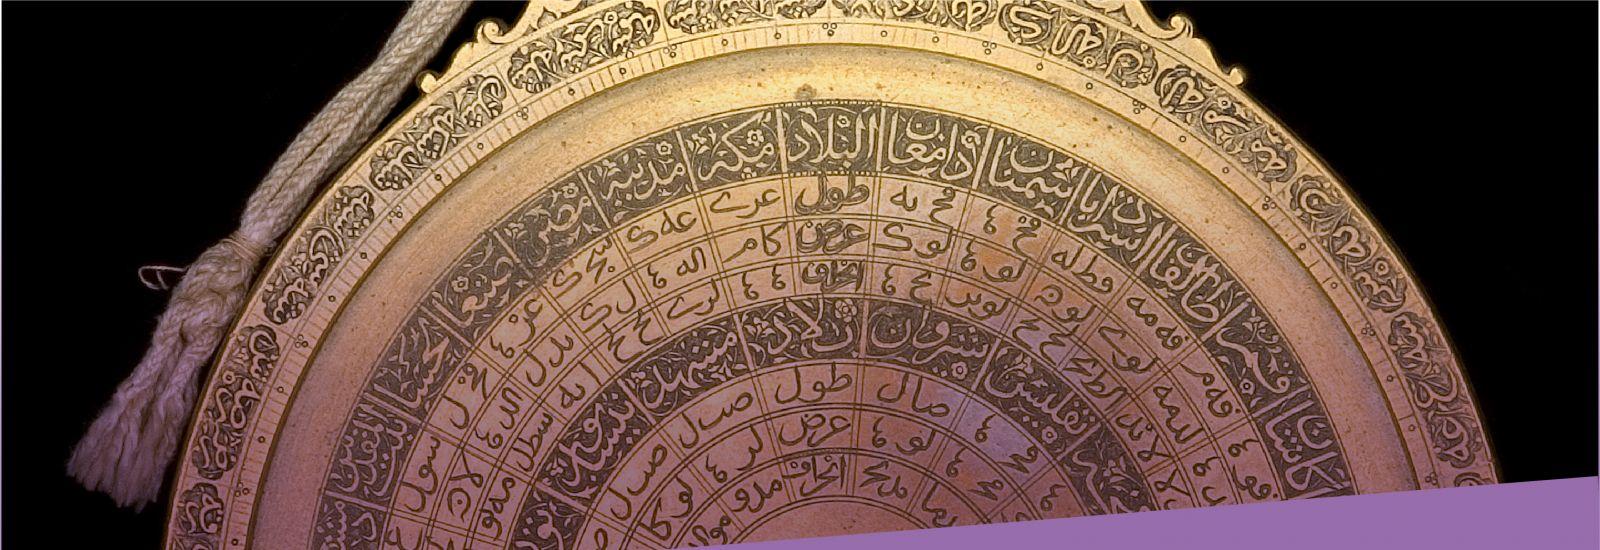 an Arabic artefact